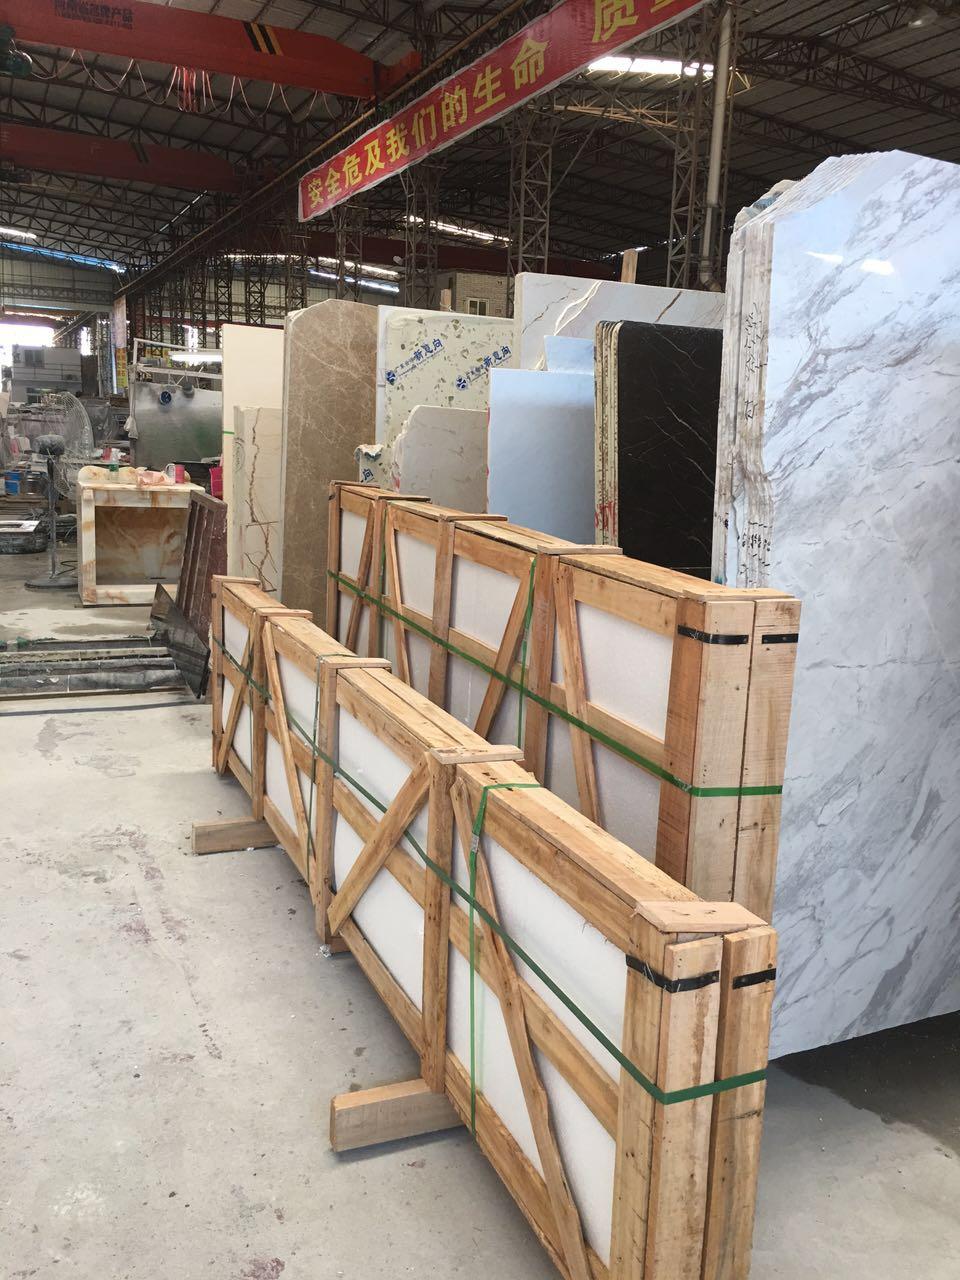 comprar losas de piedra natural y baldosas de granito para las encimeras de cocina tocadores de bao y mudrooms de arizona azulejo de tile